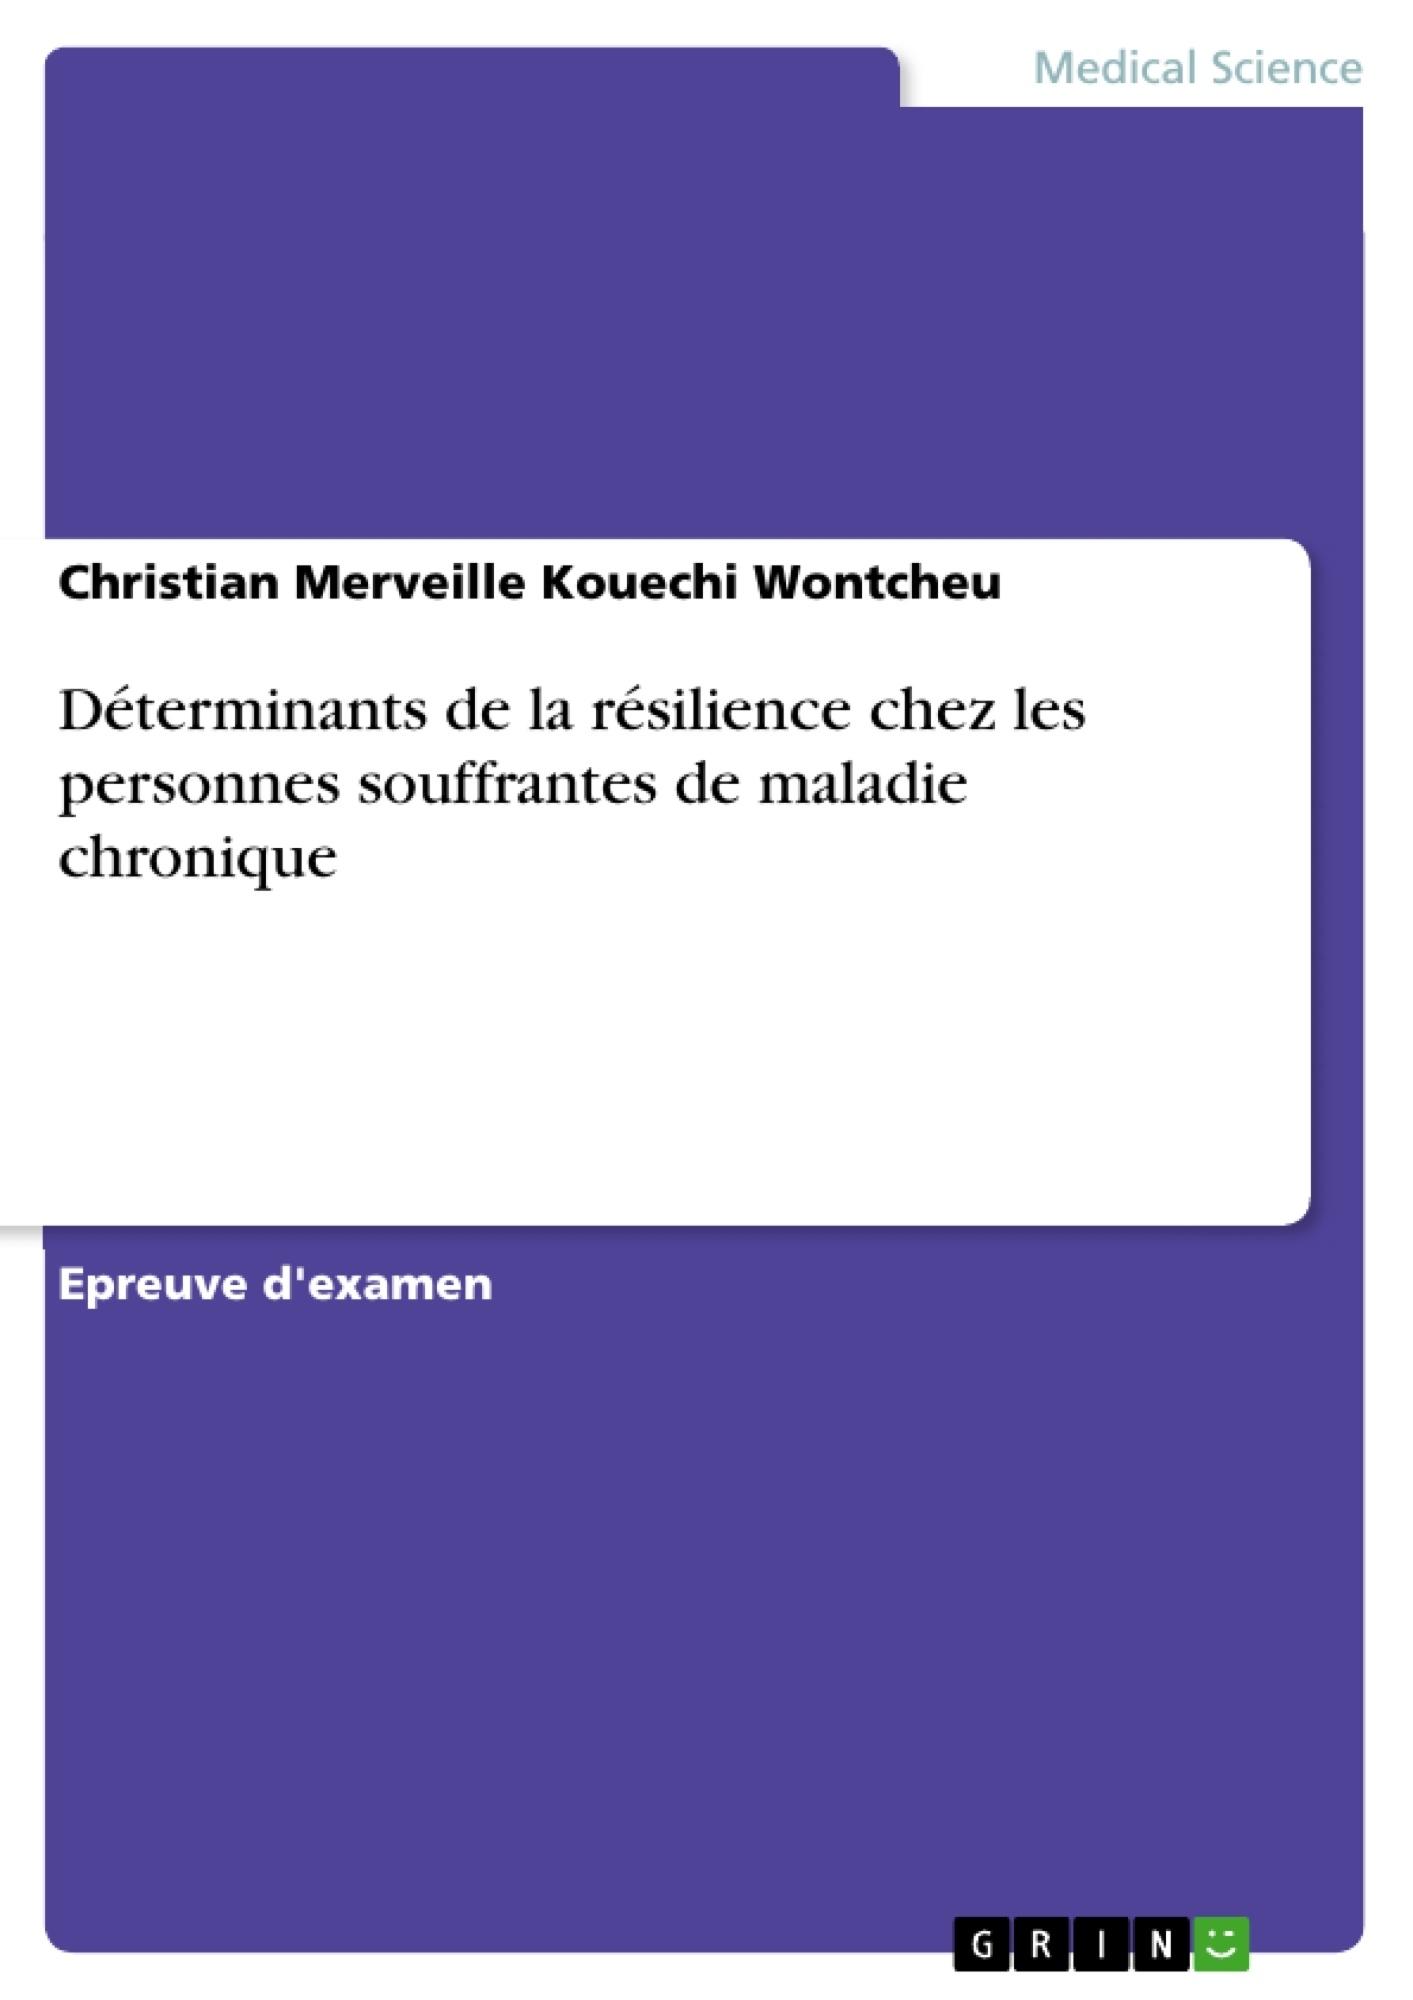 Titre: Déterminants de la résilience chez les personnes souffrantes de maladie chronique